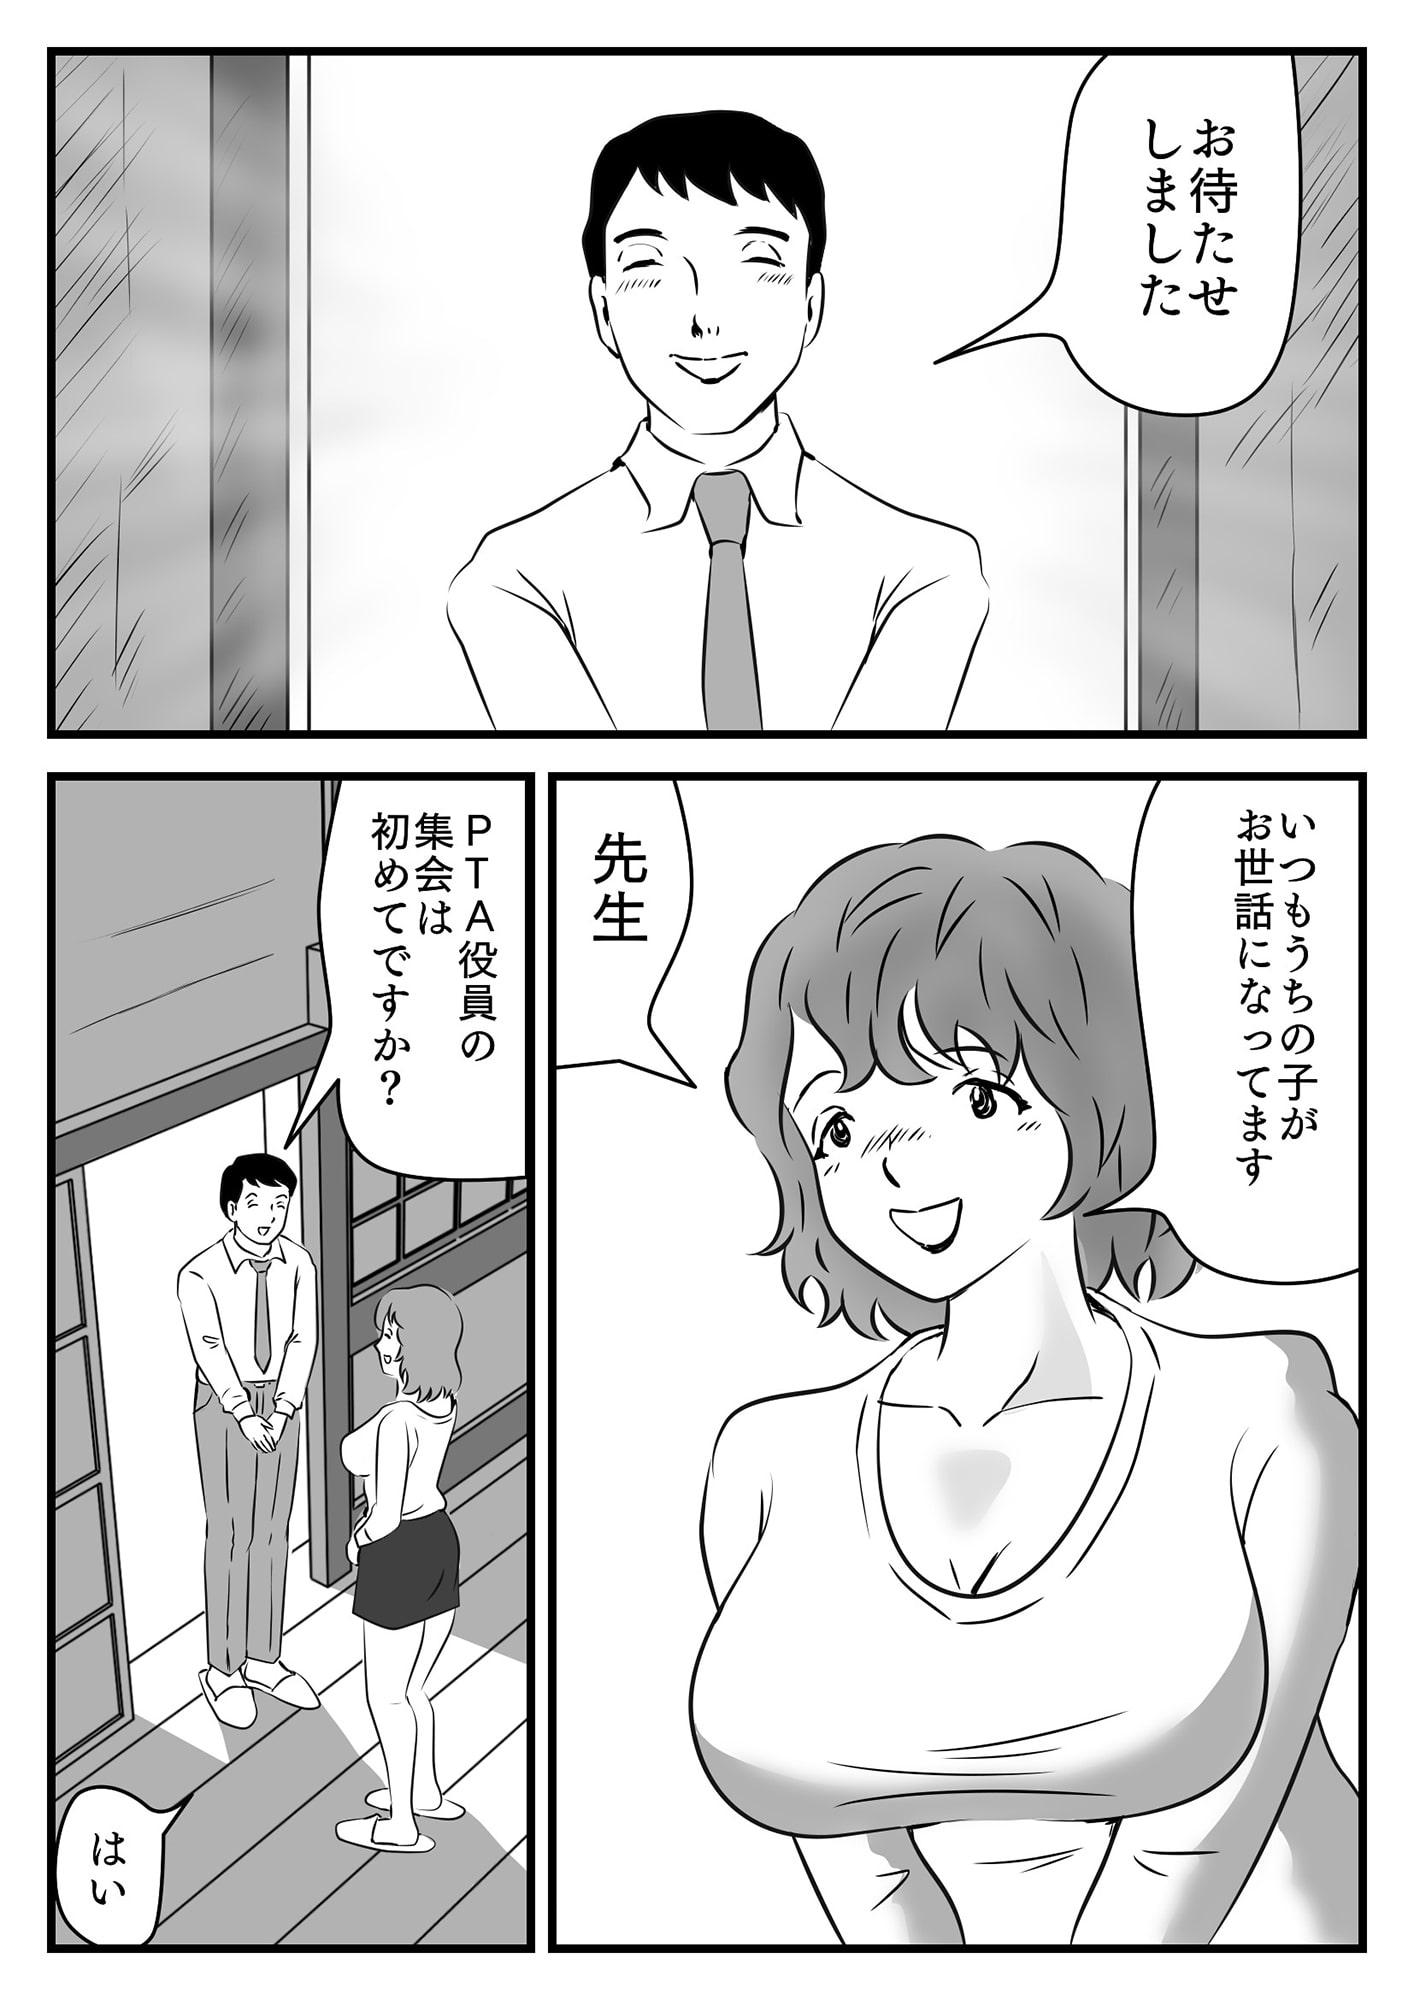 PTA役員エロいご褒美